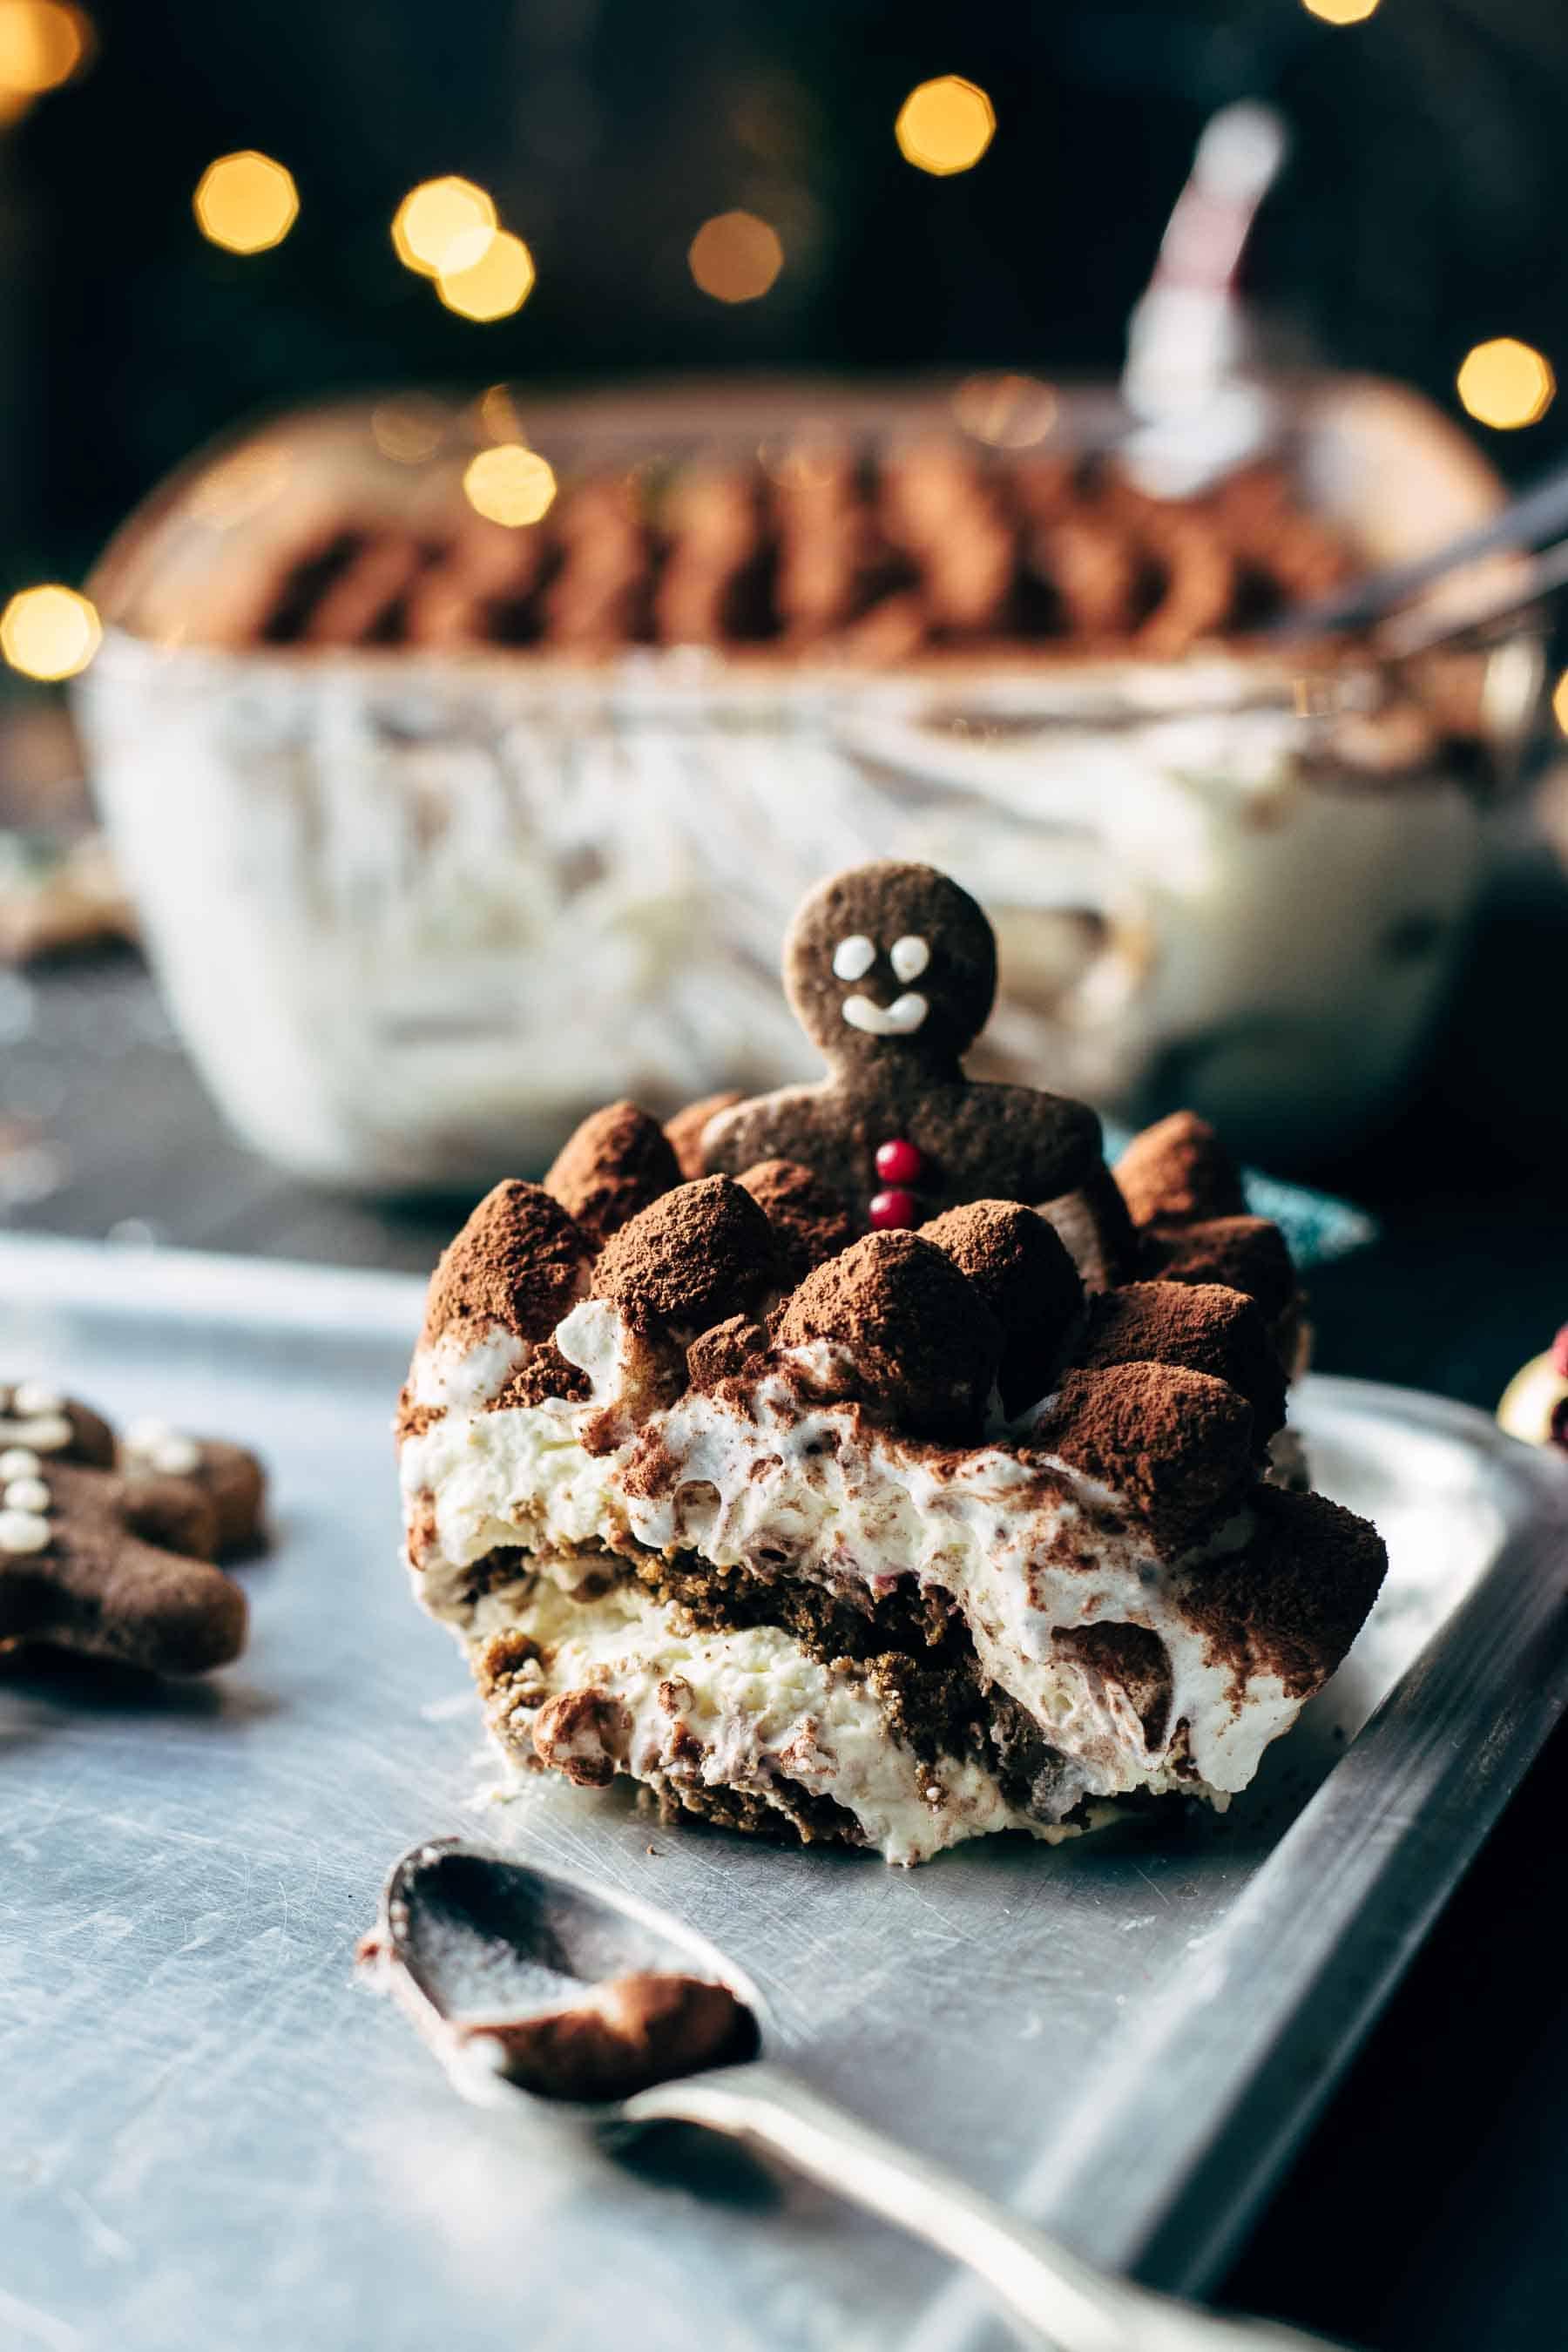 This Eggnog Gingerbread Tiramisu recipe is the perfect Christmas process Eggnog Gingerbread Tiramisu